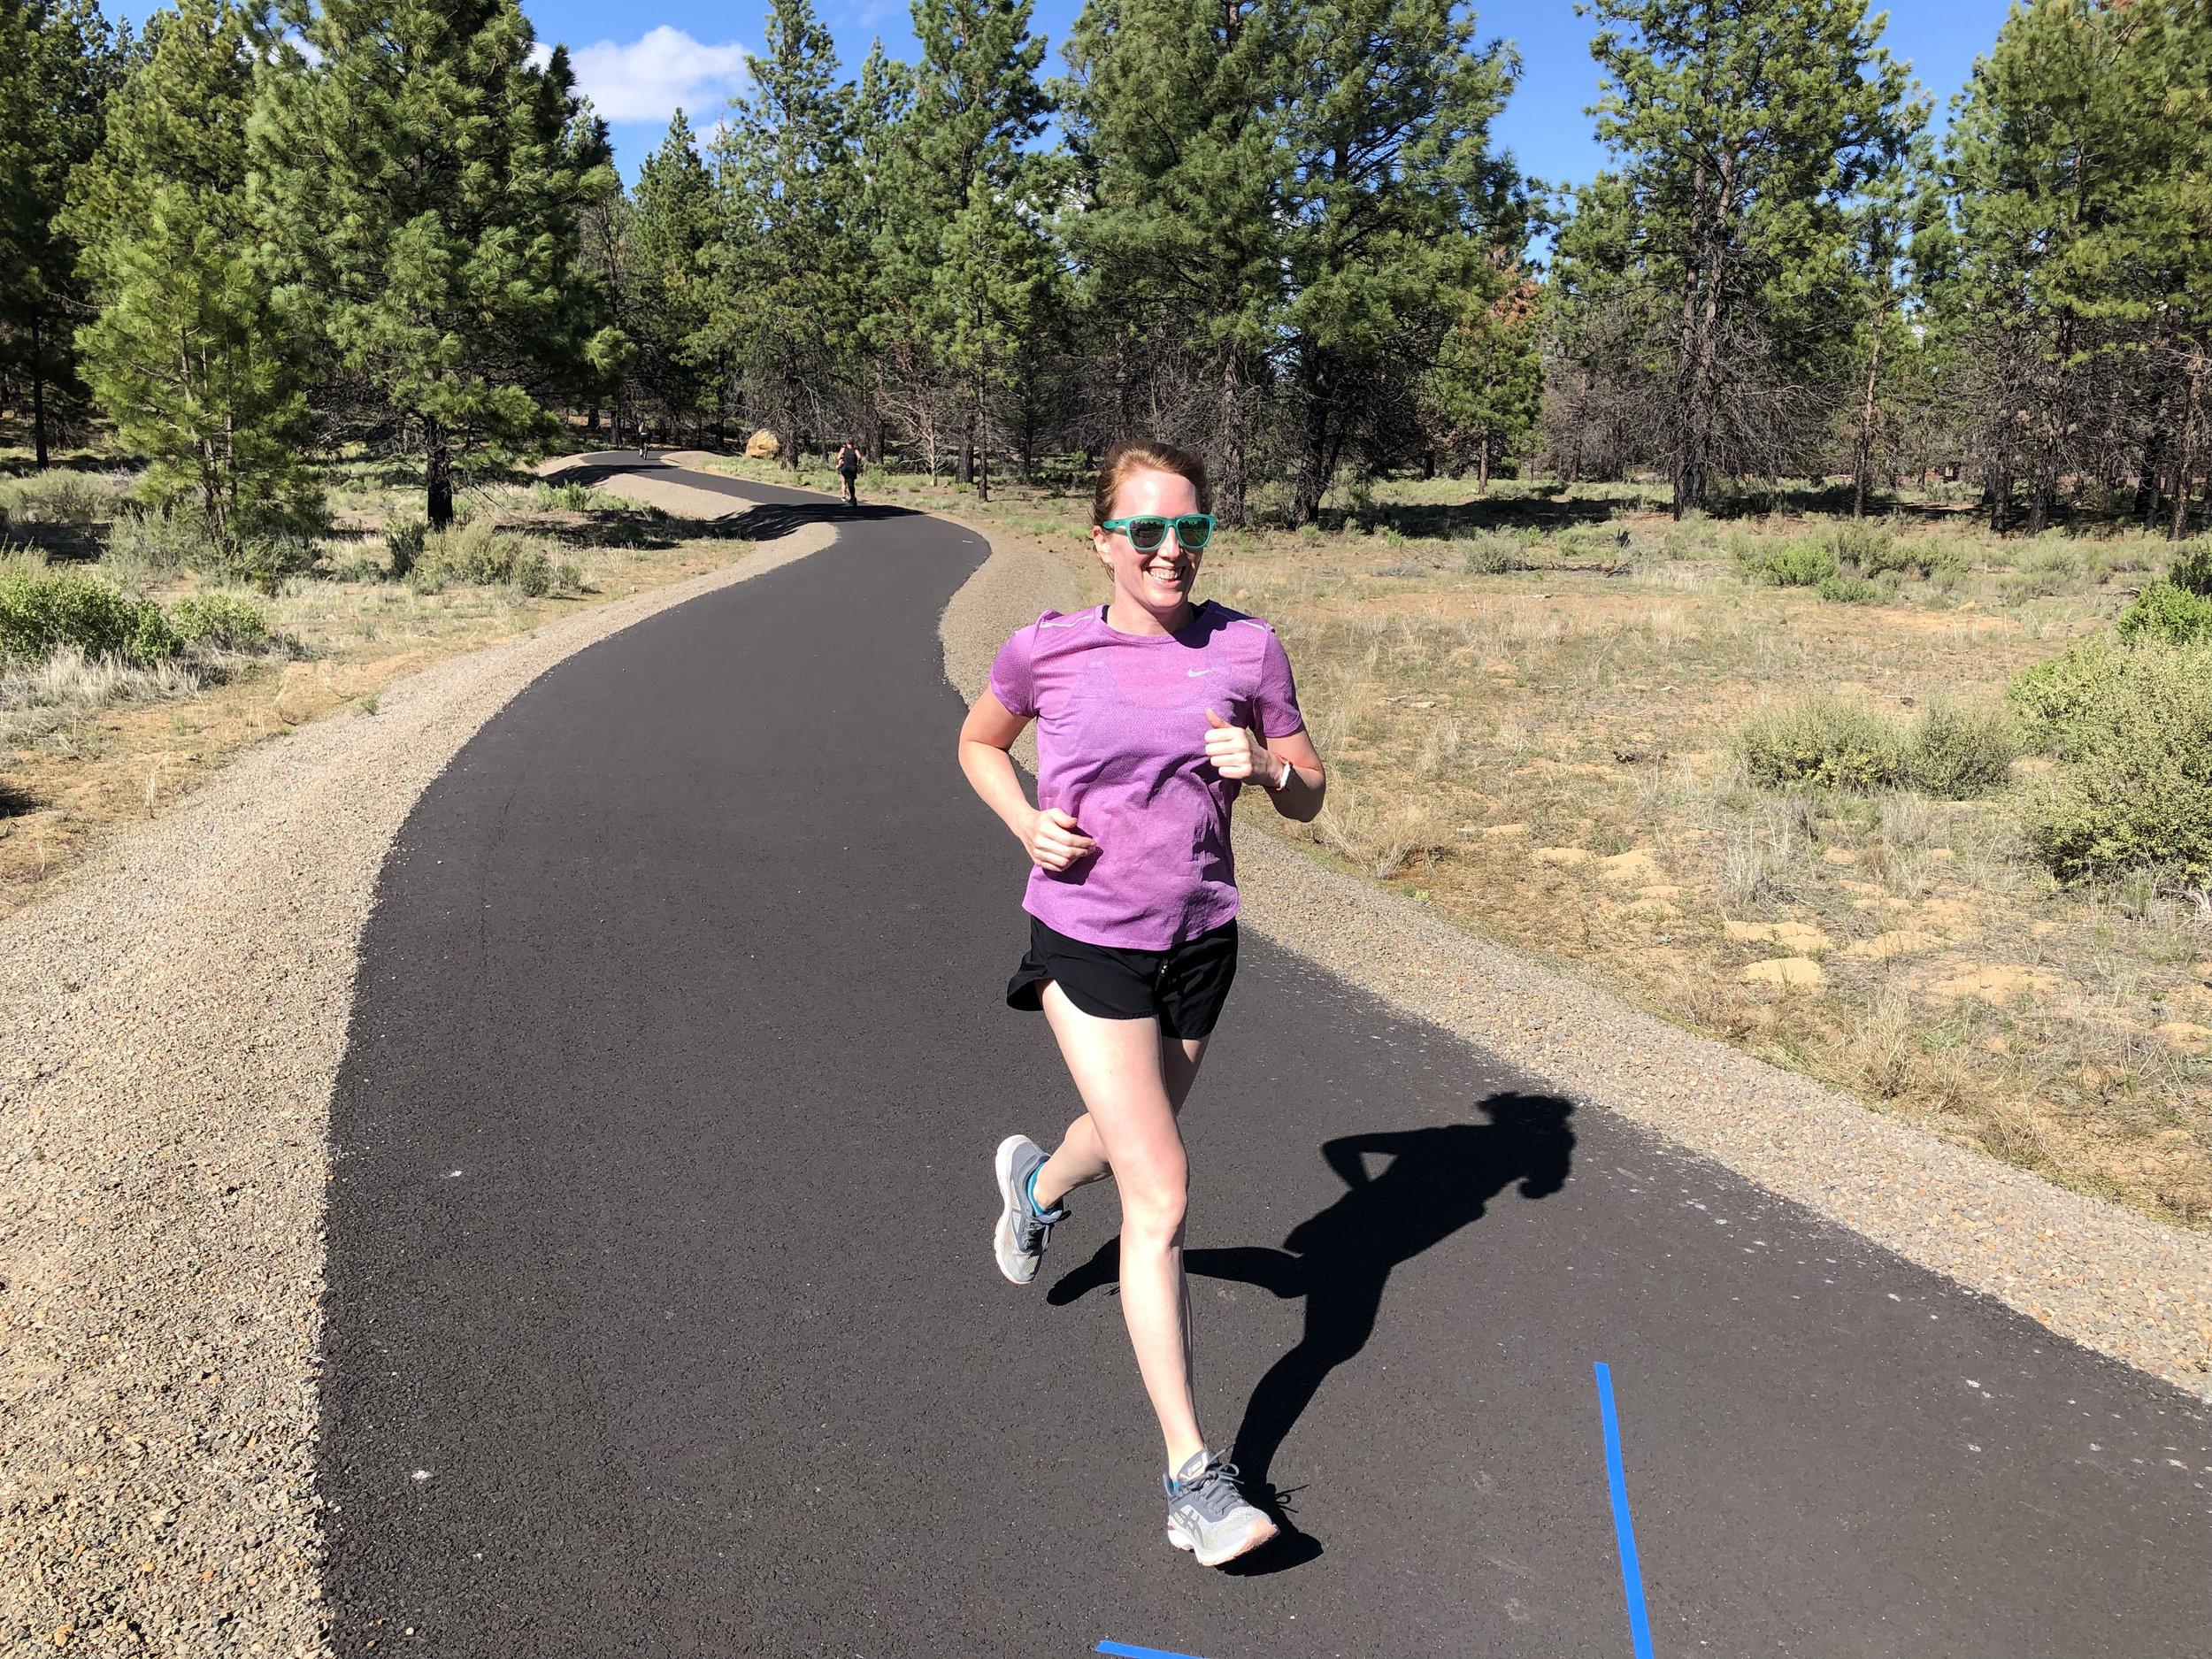 Molly_Running_Bend_2019.jpg